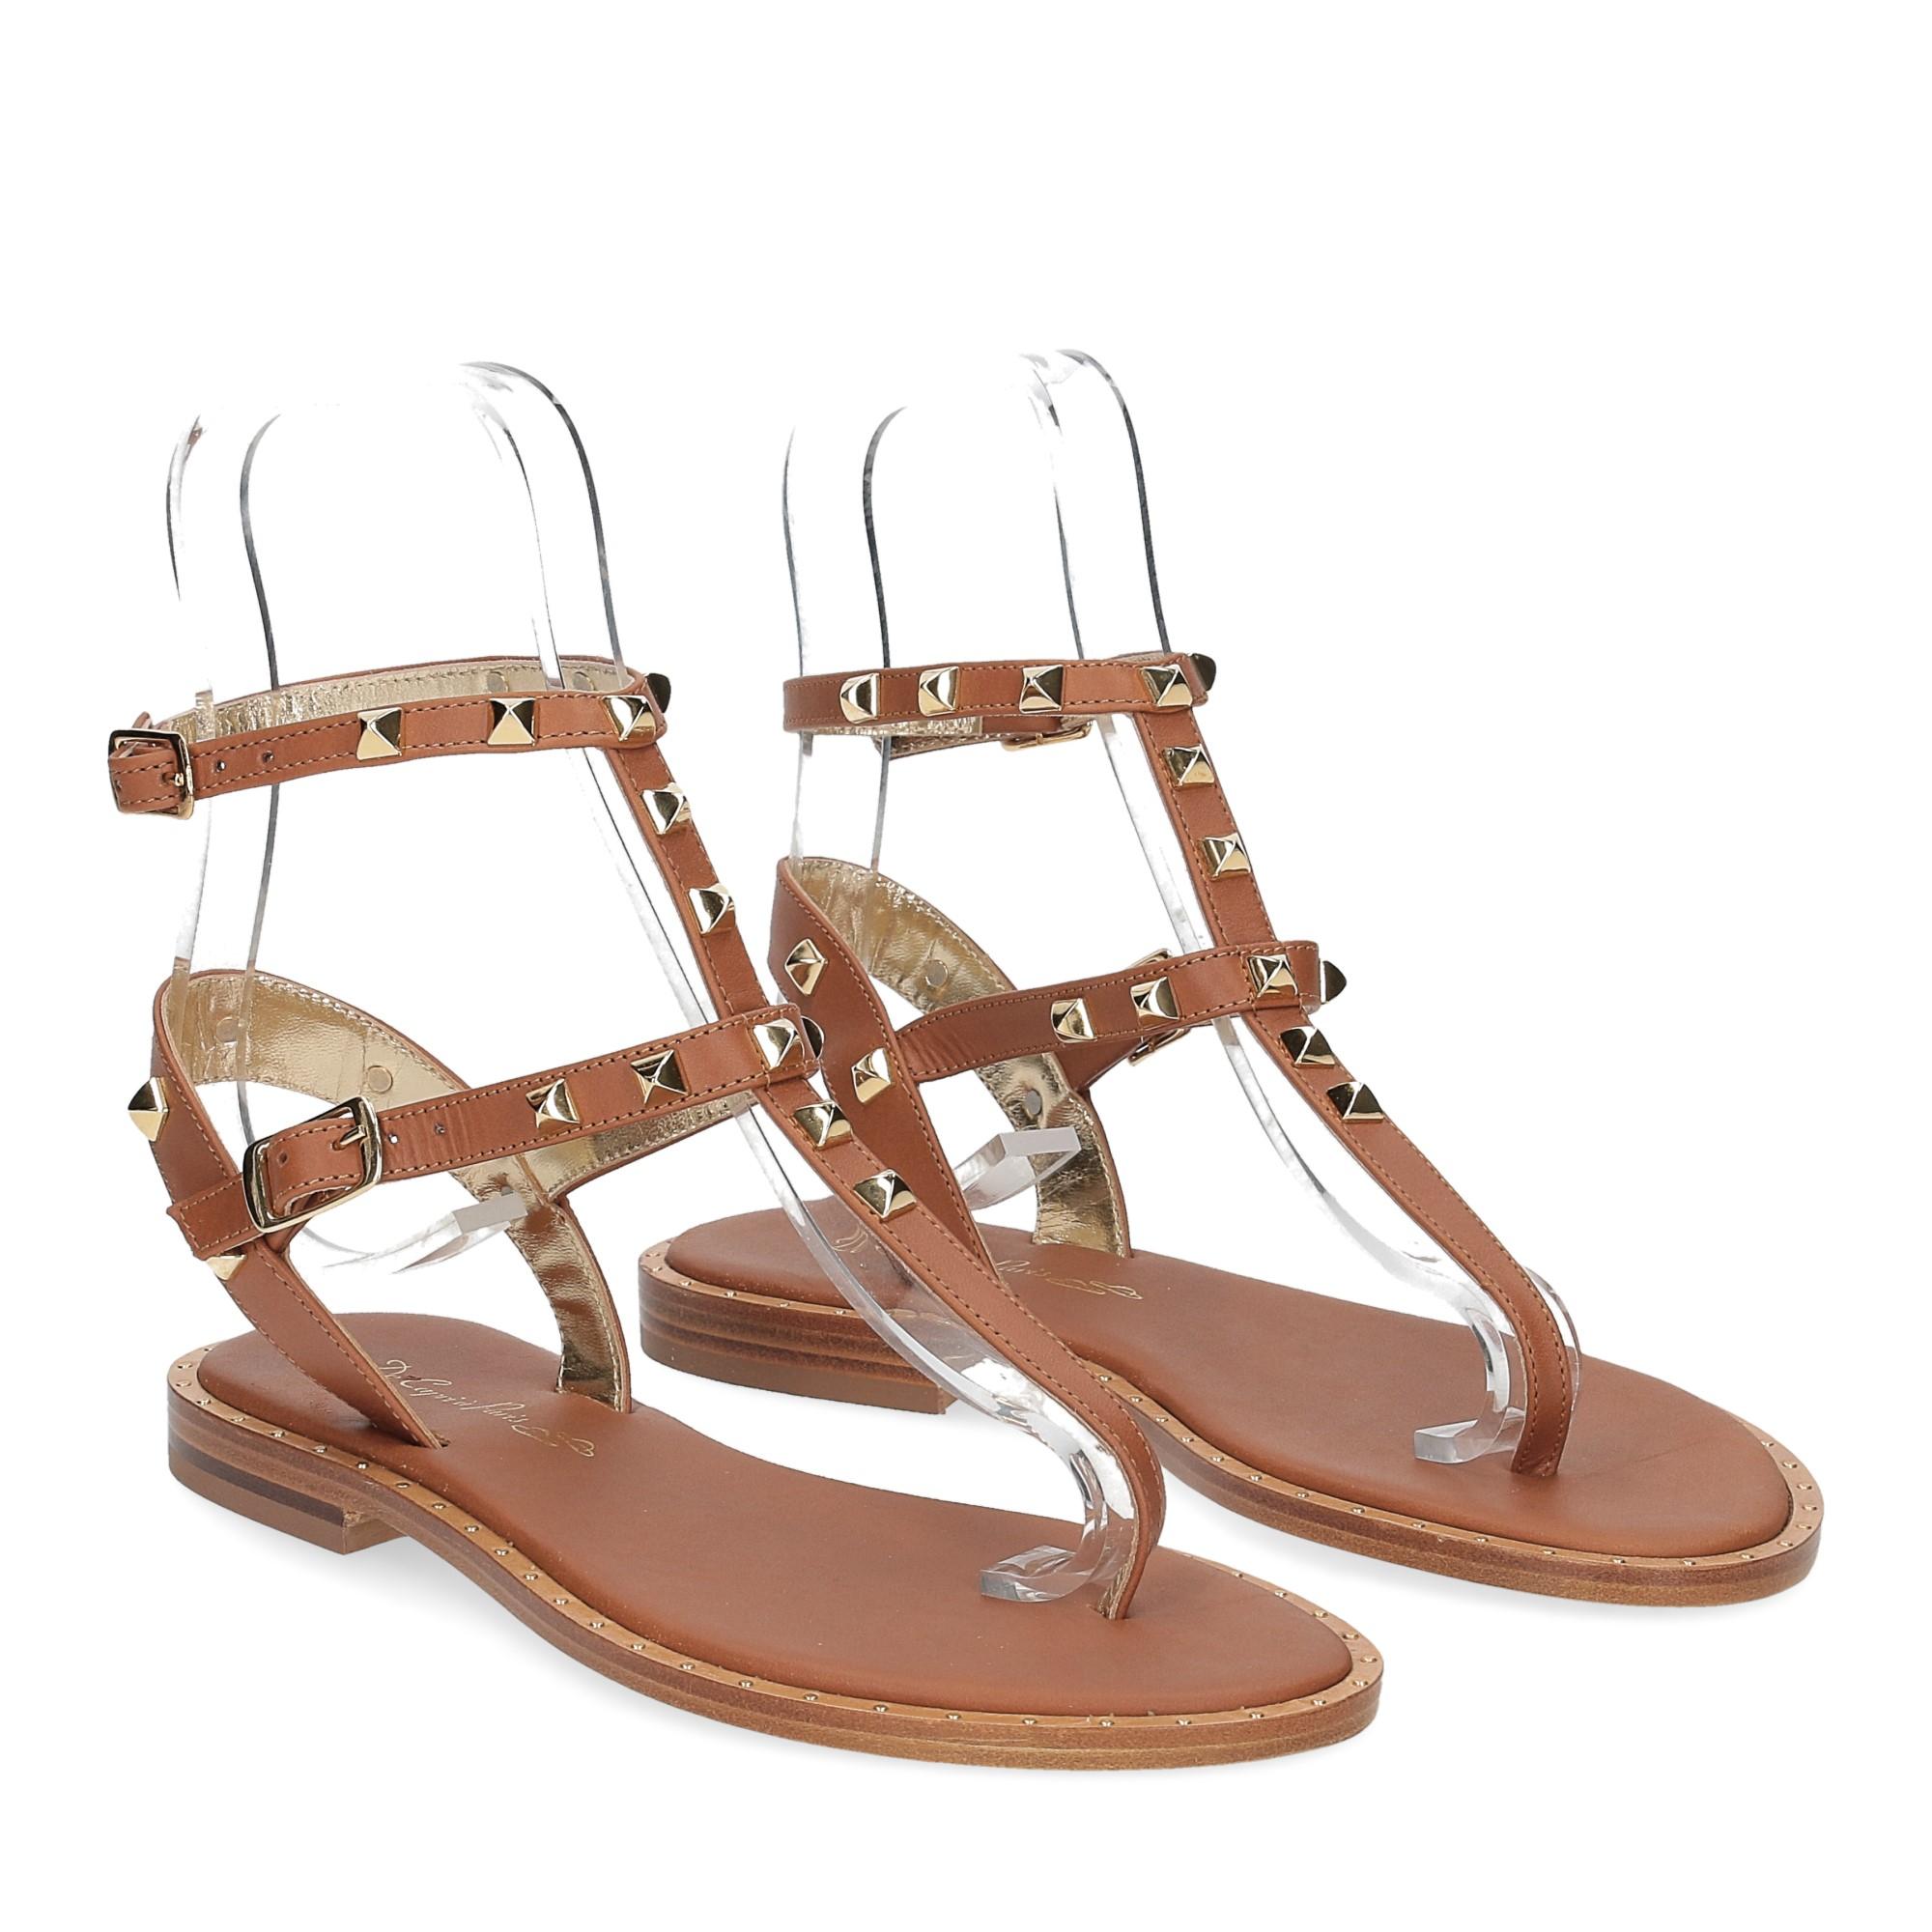 De Capri a Paris sandalo infradito borchie pelle cuoio